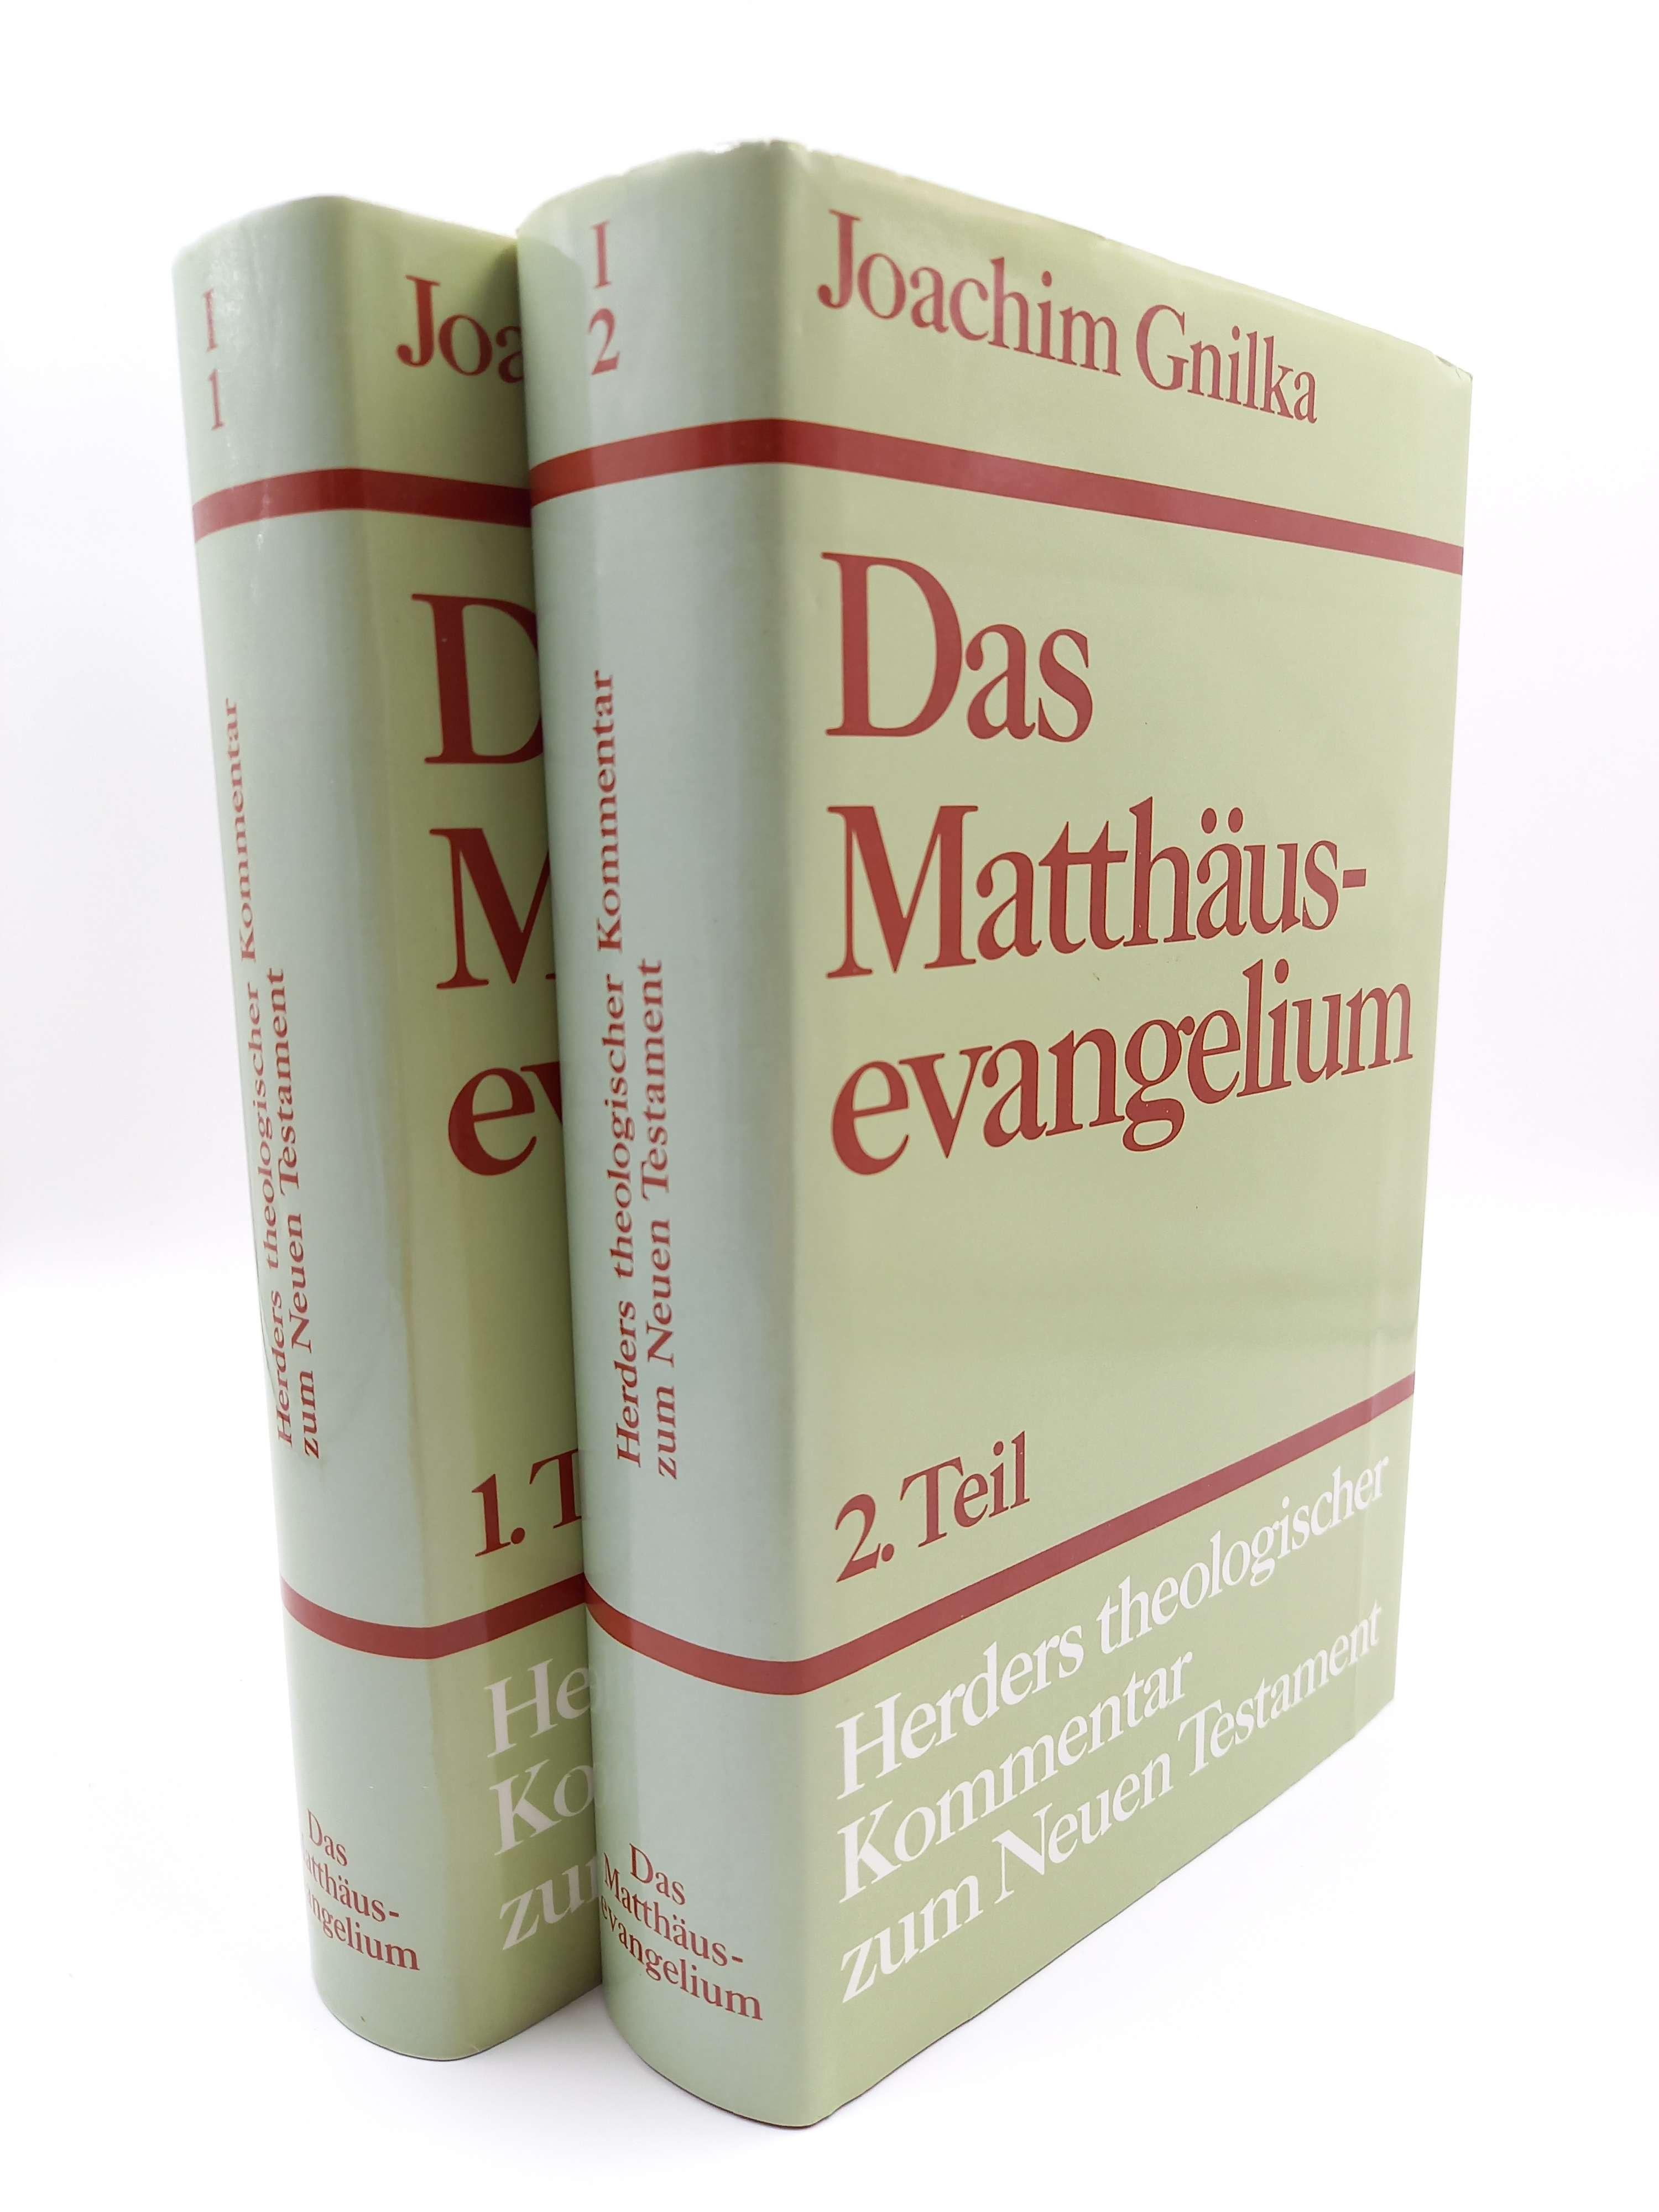 Gnilka, Joachim Das Matthäusevangelium; 1. und 2. Teil (2 Bände komplett)